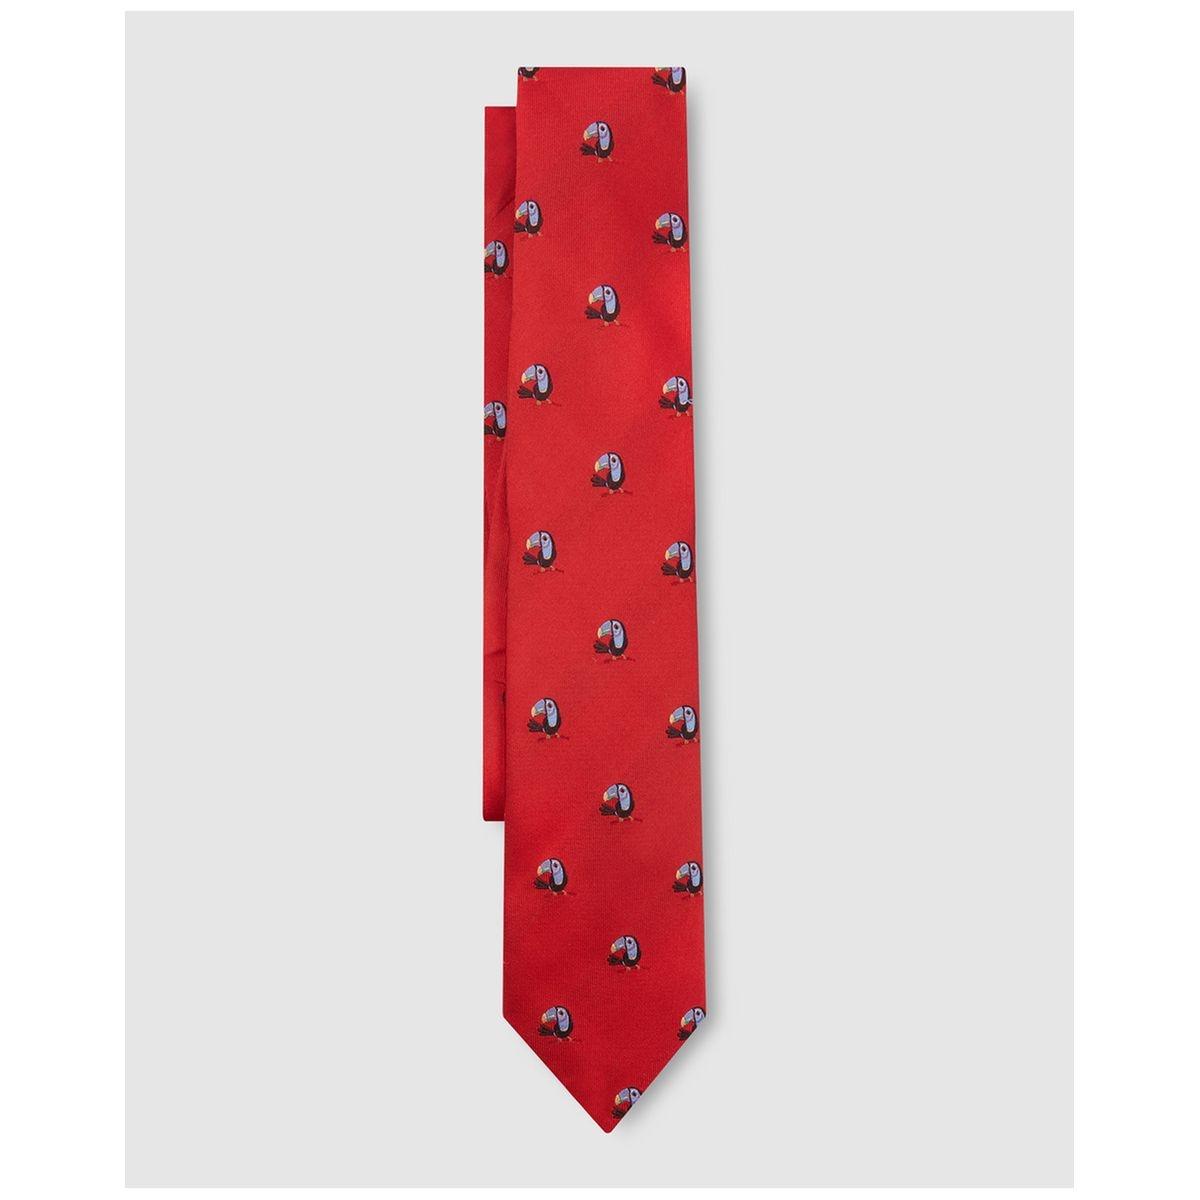 Cravate en soie imprimé toucans /